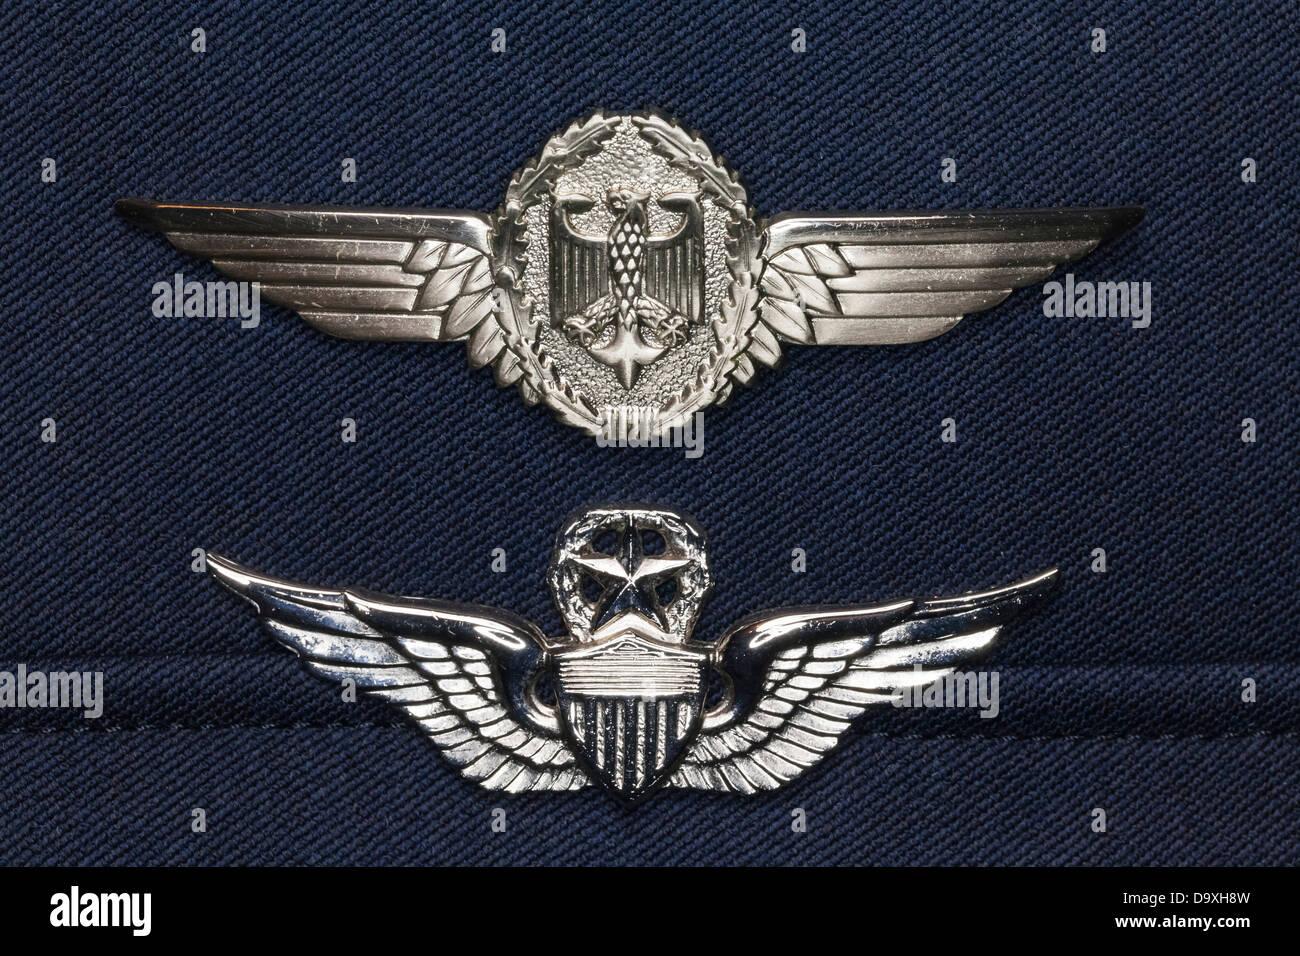 Pilot Wings Stock Photos & Pilot Wings Stock Images - Alamy